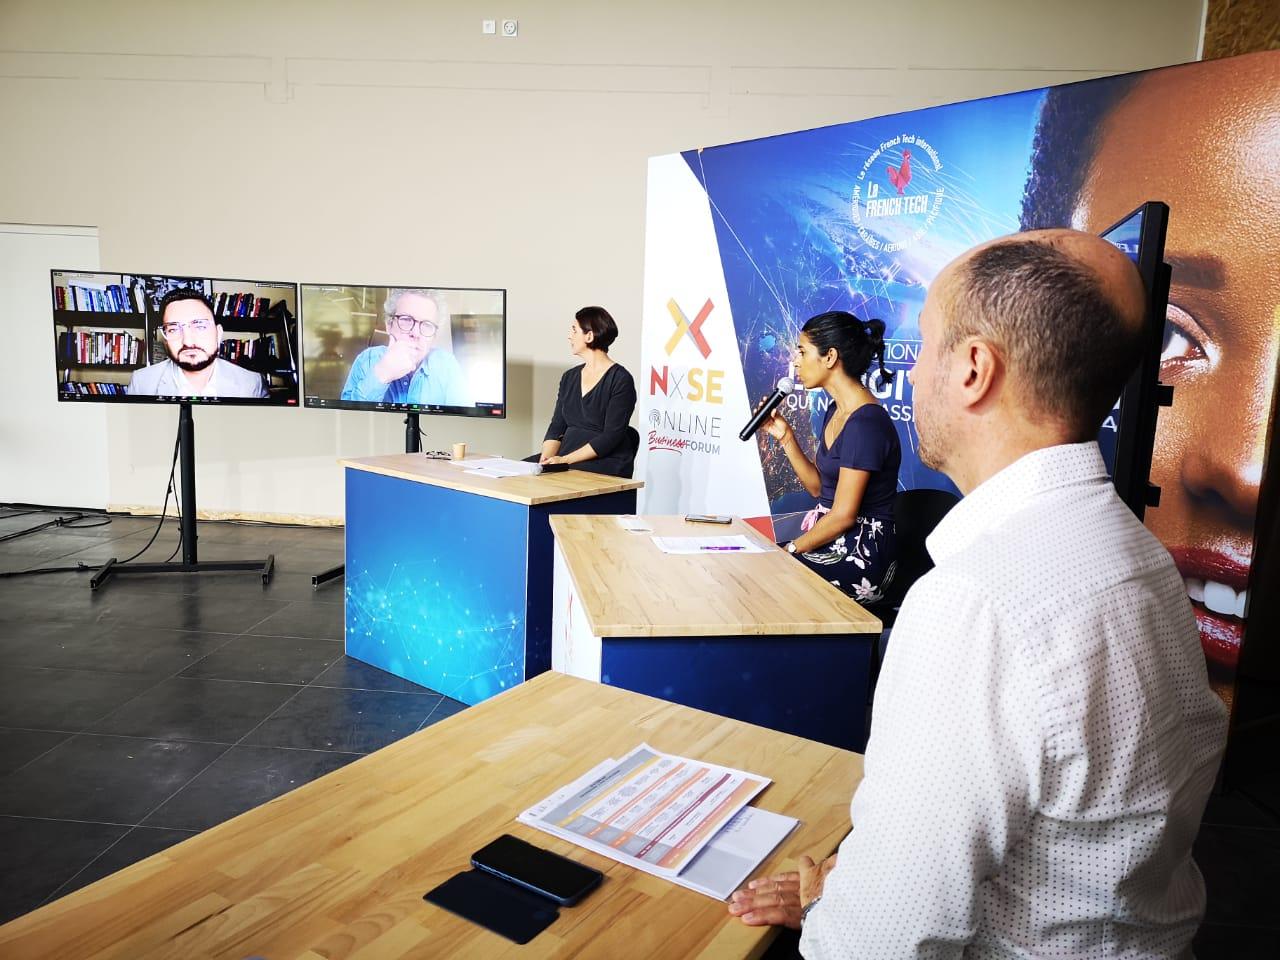 Plateau web TV NxSE - Conférence en live - Crédit Photo Stéphane Tariffe